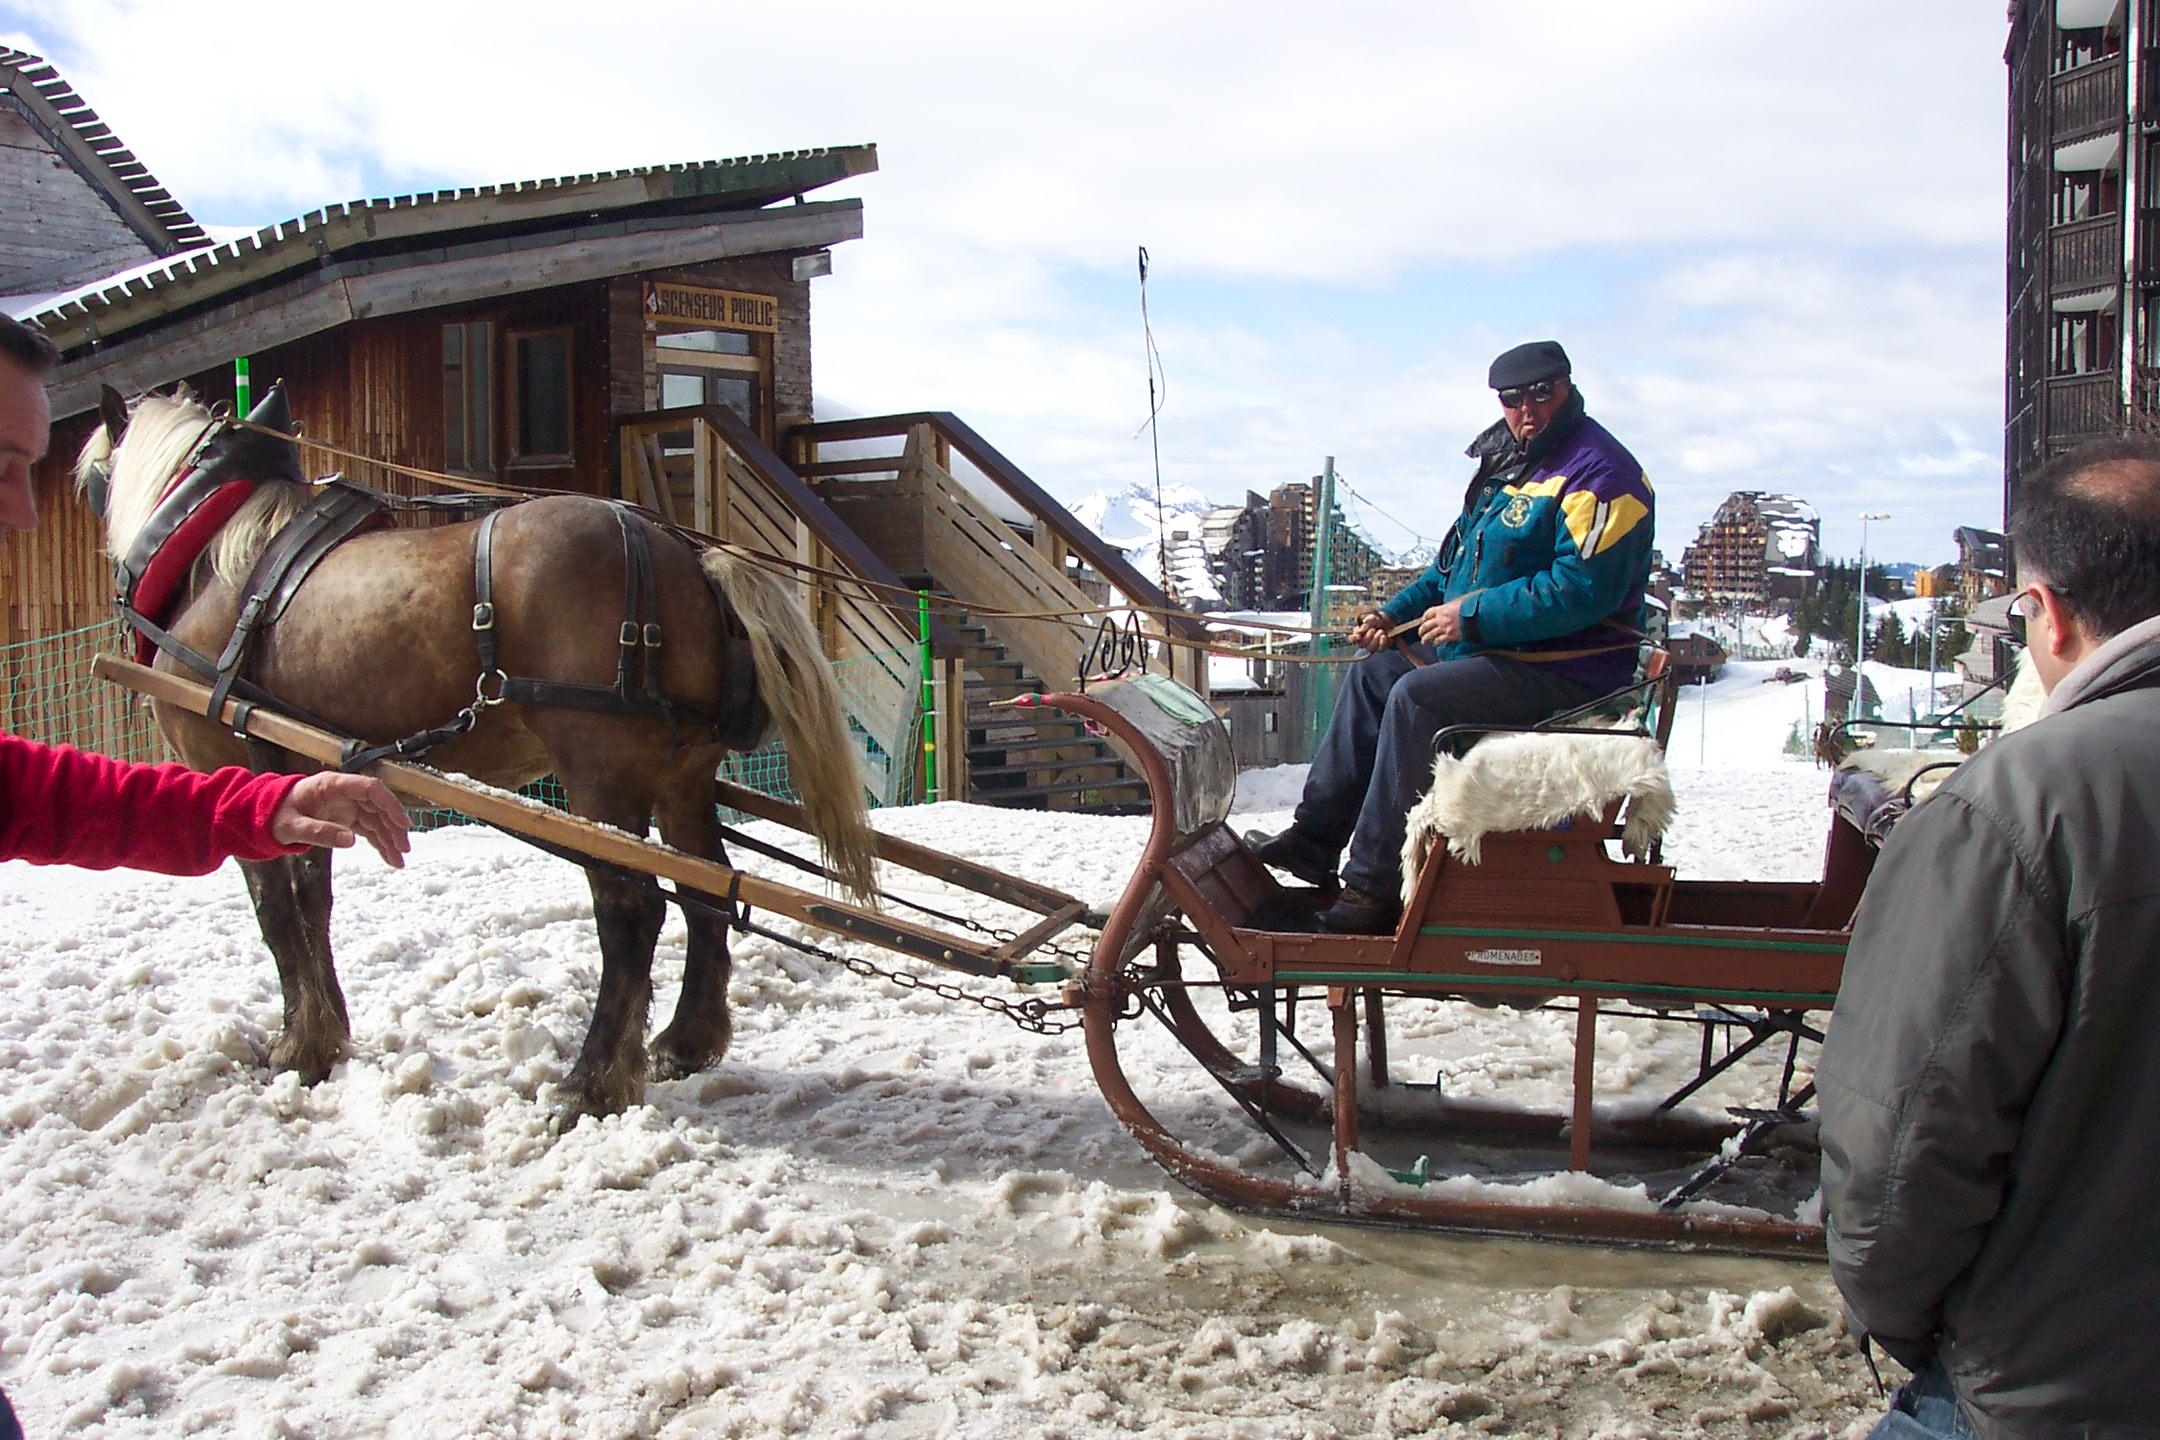 Avoriaz - Trineo tirado por caballos tipico de laestacion